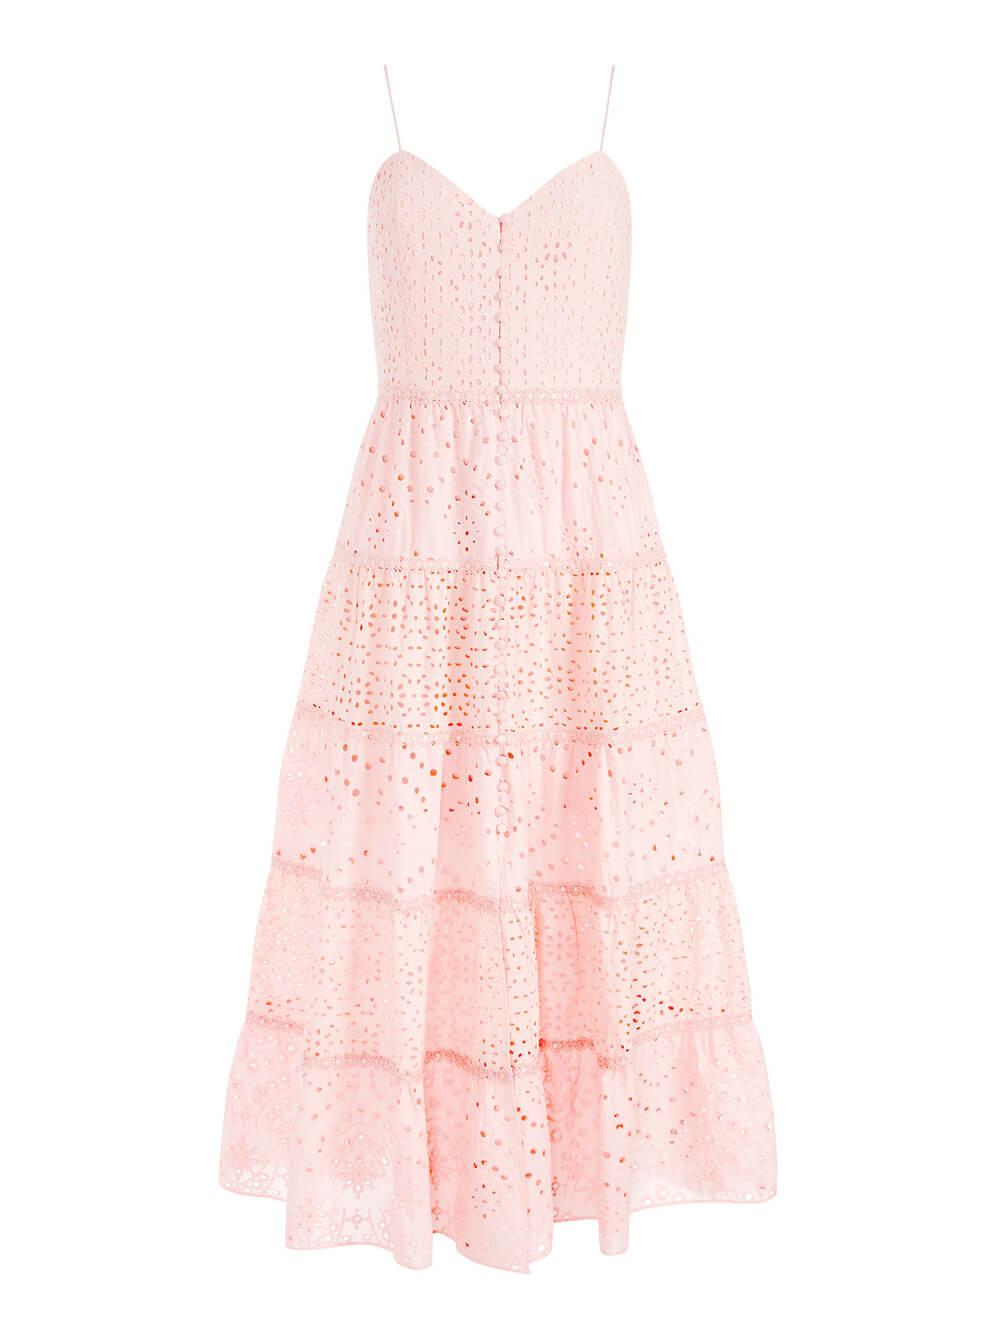 Shanti Midi Dress